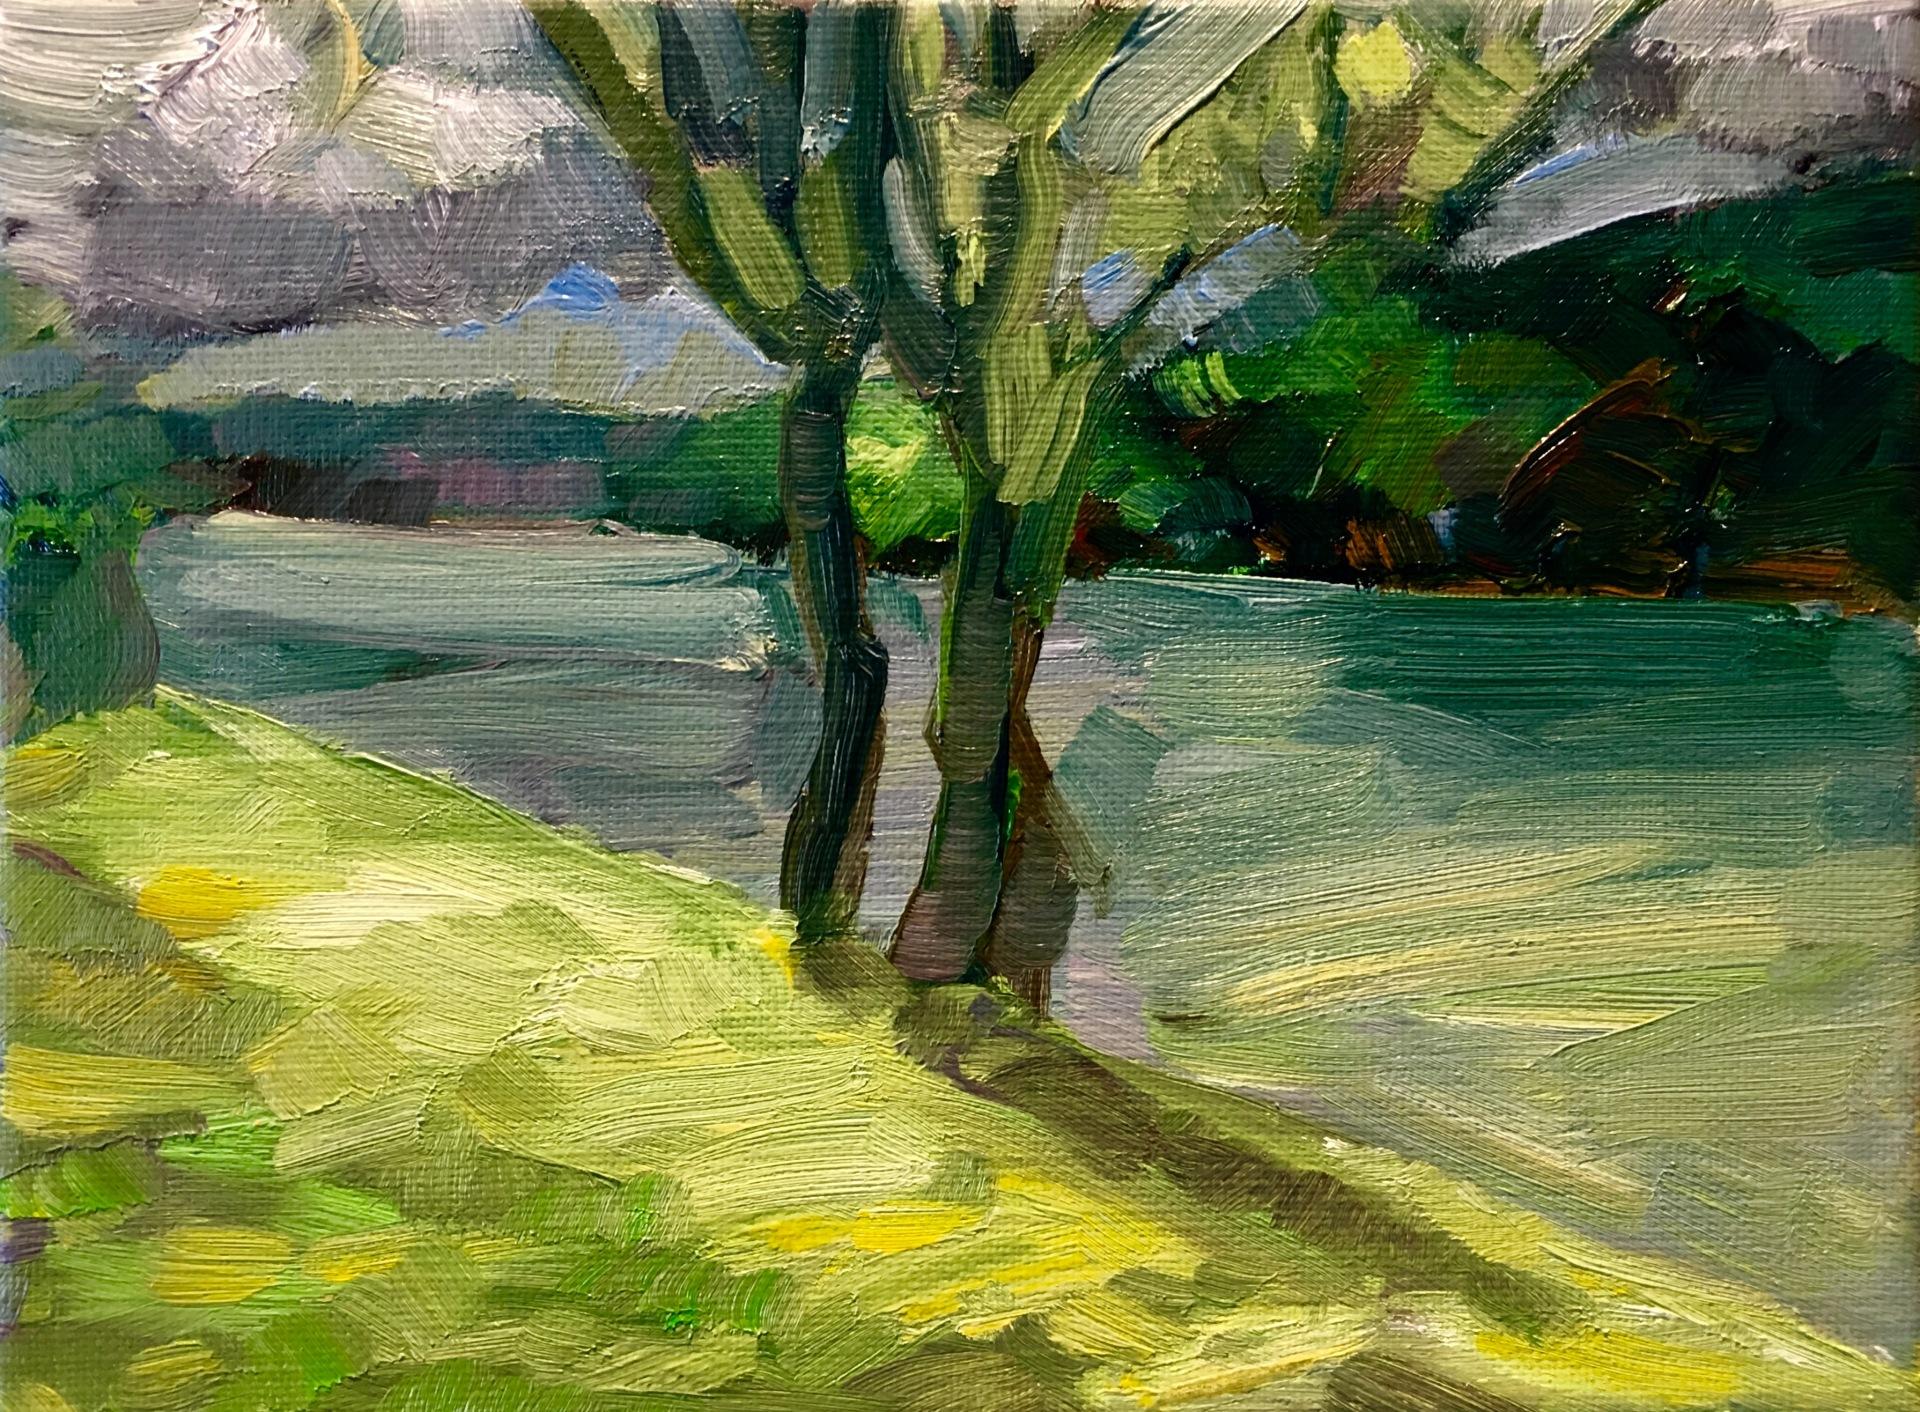 Study - View from Studio Héricy sur Seine